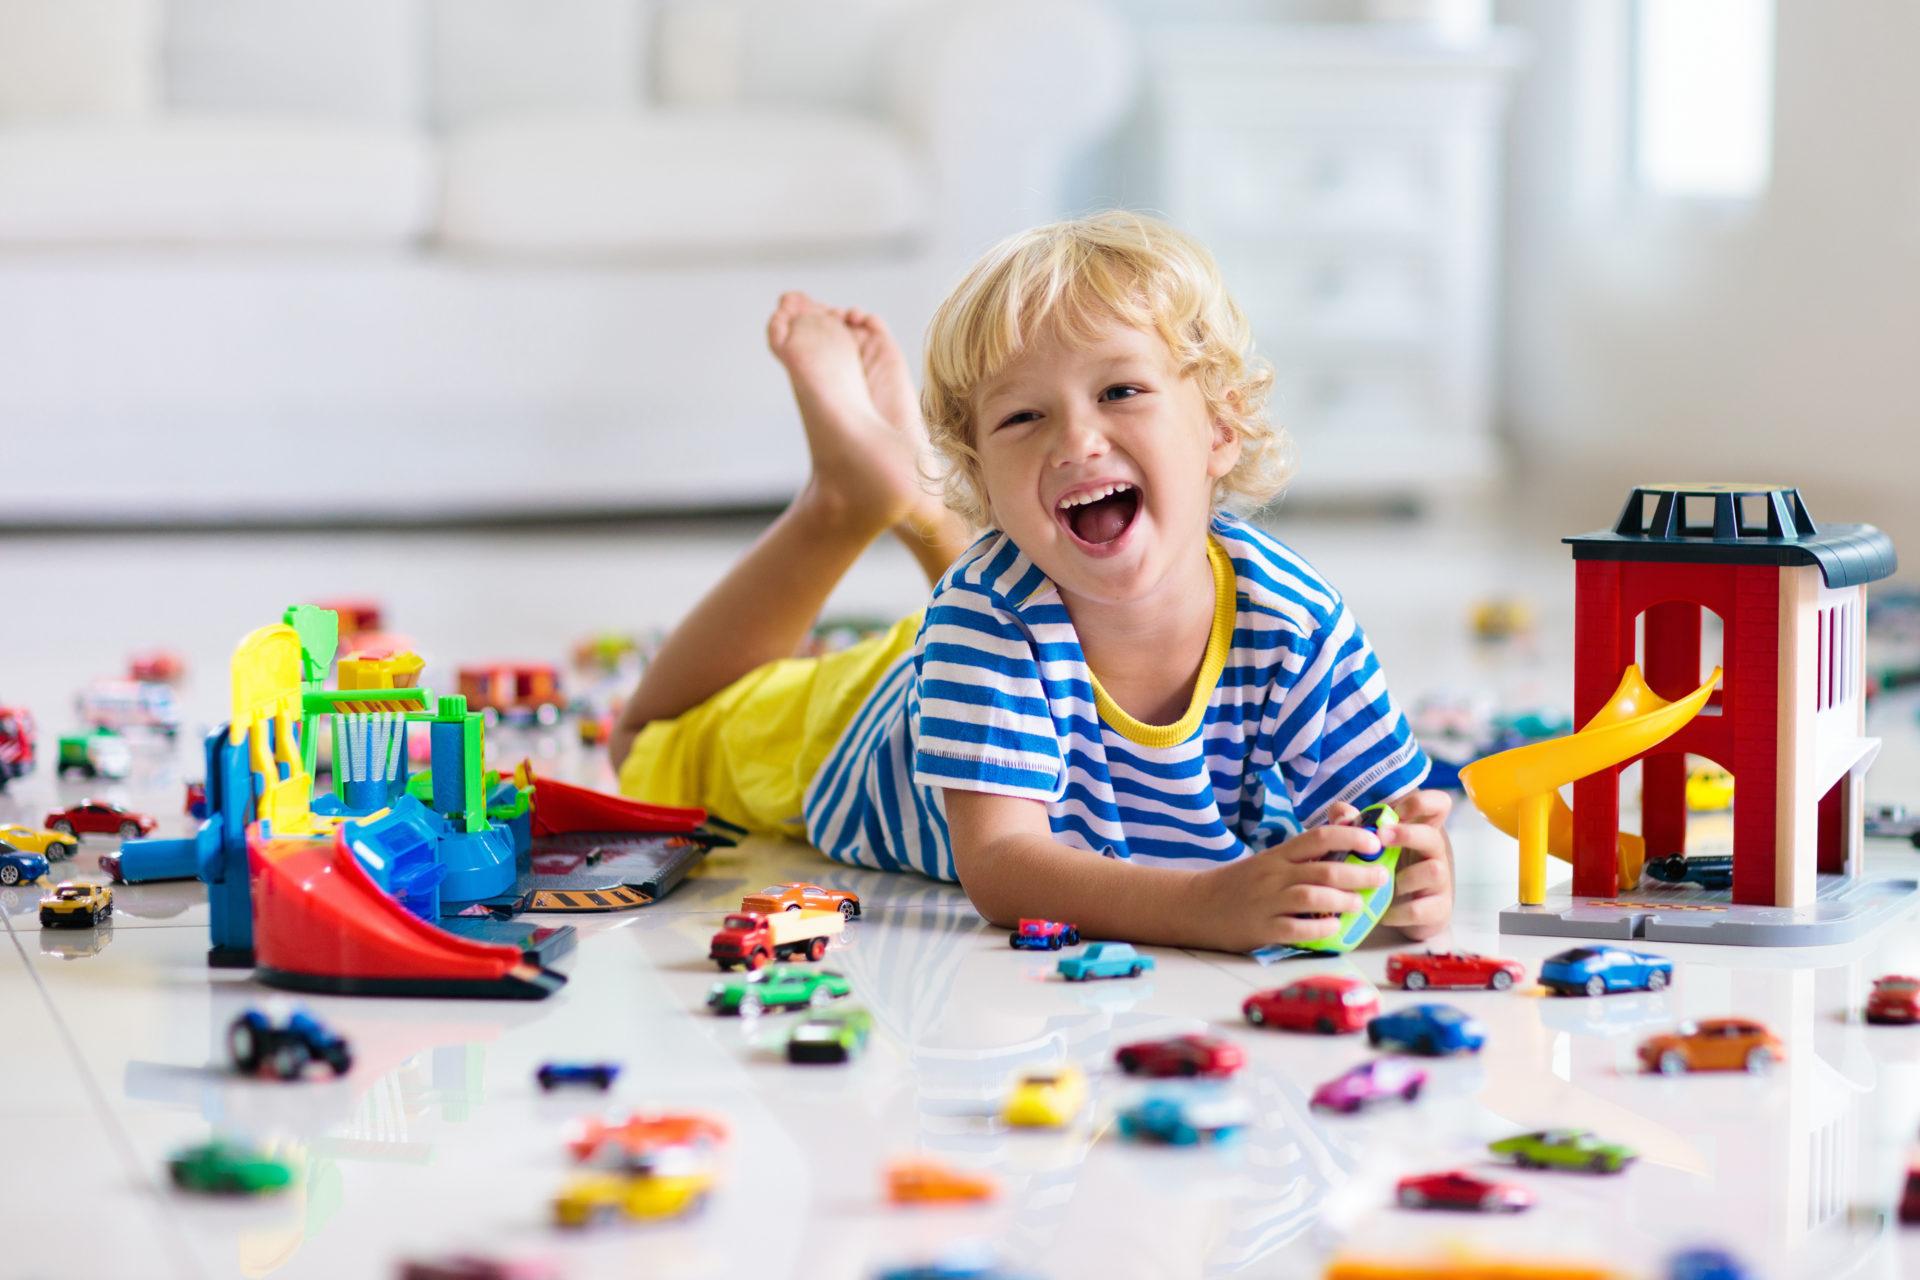 Jeu Eveil Enfant, Jouet Eveil Enfant, Cadeau D'eveil Pour encequiconcerne Jeux Educatif 3 Ans